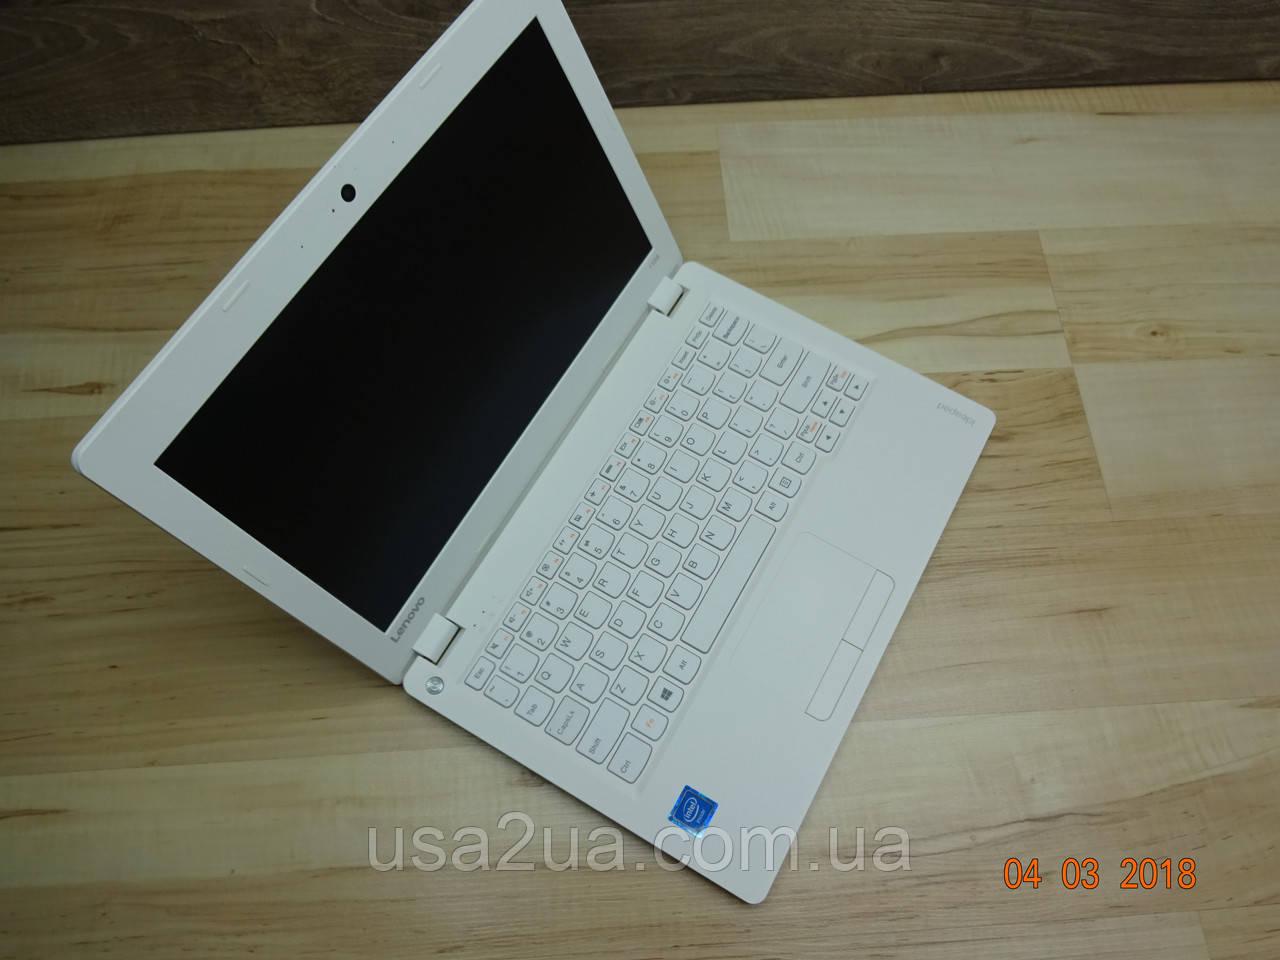 """Ноутбук LENOVO 110S 11"""" 2GB DDR3L Сгорела материнская плата, под ремонт экран корпус батарея"""